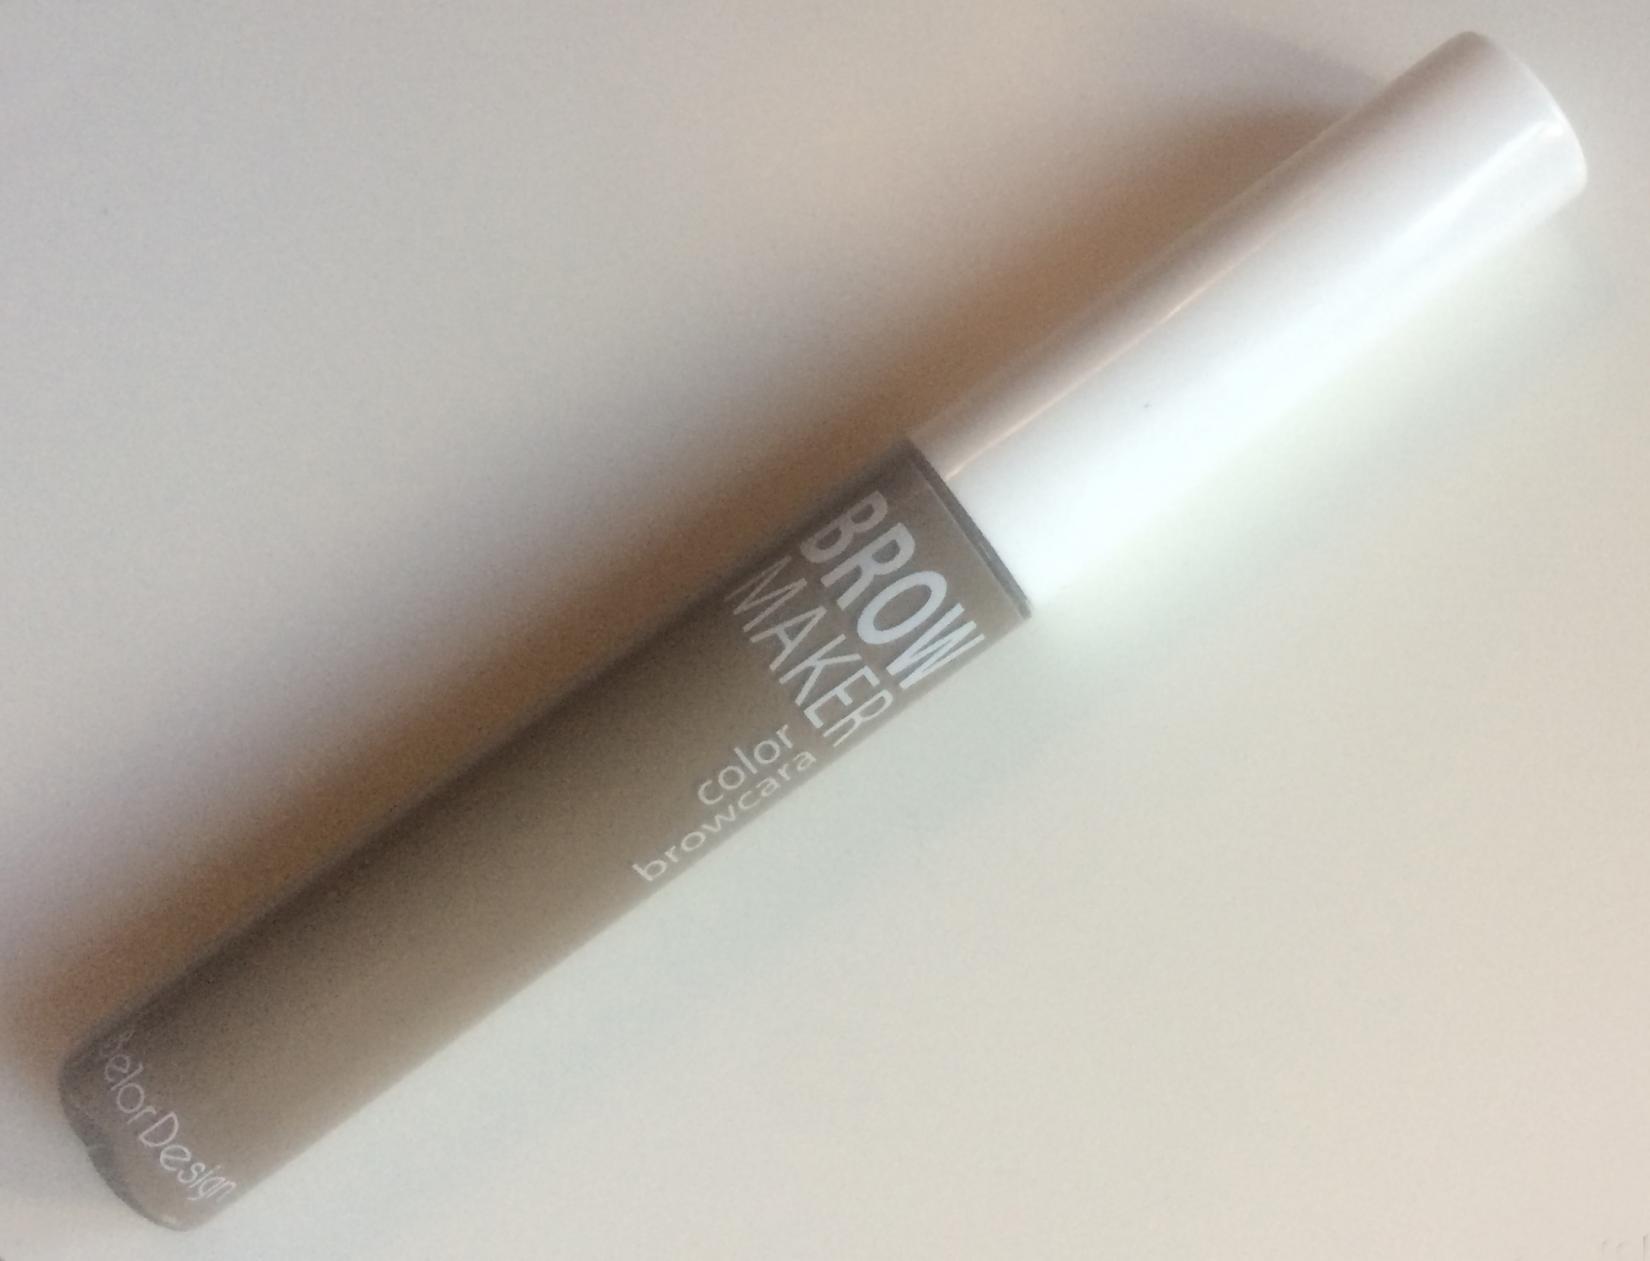 Тушь для бровей BelorDesign Brow Maker 14 - упаковка